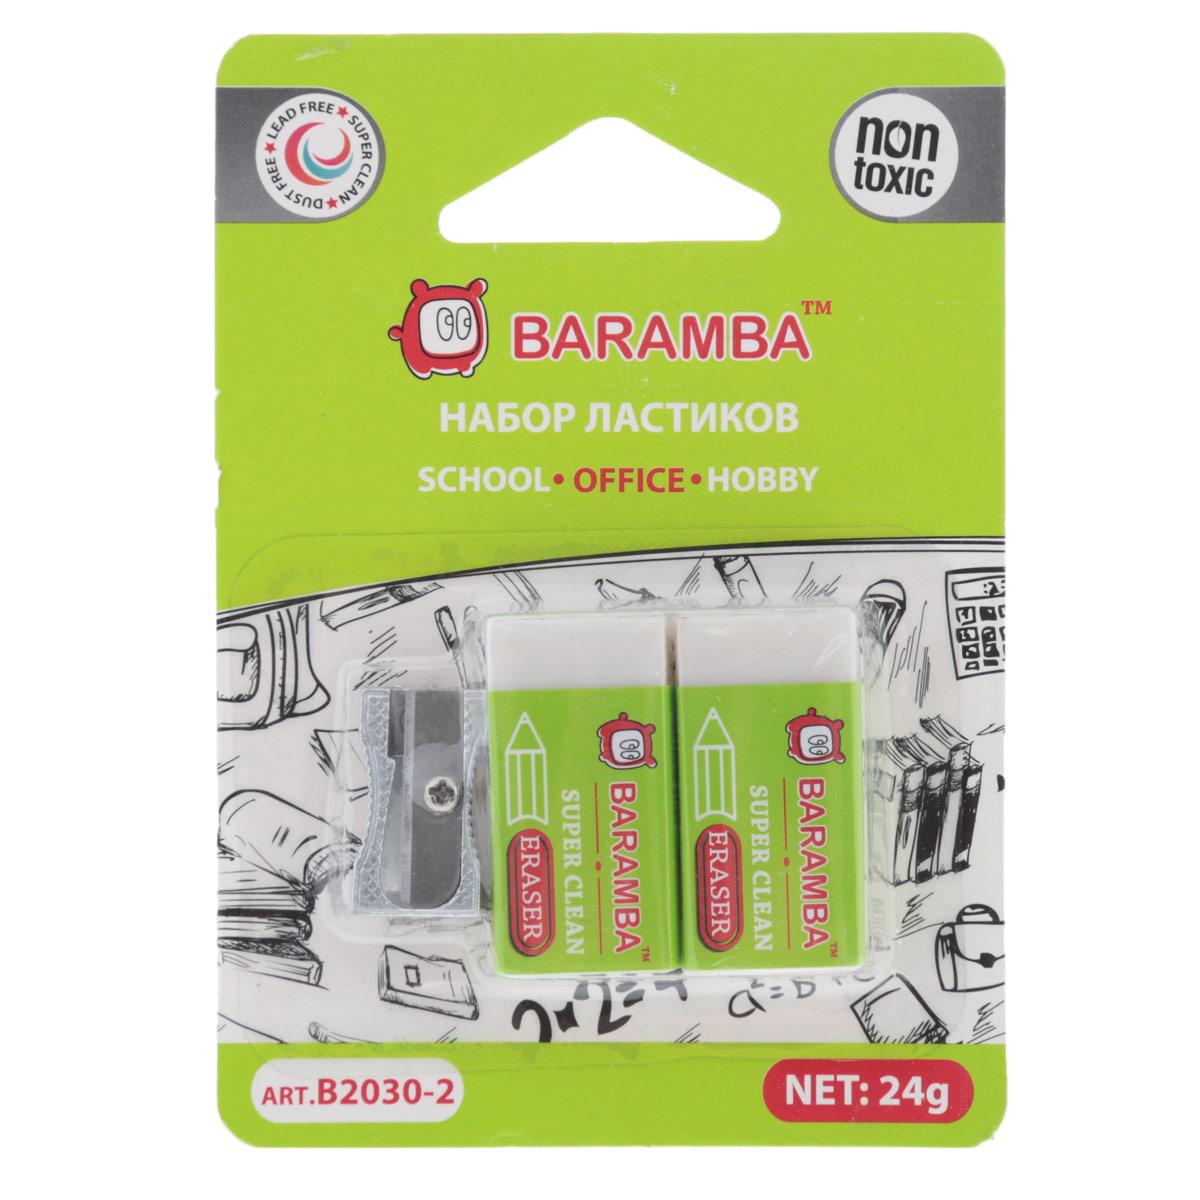 Набор ластиков Baramba Dust Free, с точилкойB2030-2Набор Baramba Dust Free идеально подходят для применения как в школе, так и в офисе. Обеспечивают высокое качество коррекции, не повреждают поверхность бумаги, даже при сильном трении, не оставляют следов. Каждый ластик имеет бумажную рубашку и индивидуальный полиэтиленовый конвертик. Набор дополнен металлической точилкой. Абсолютно безопасны, не токсичны и экологичны. Рекомендовано для детей старше 3-х лет.